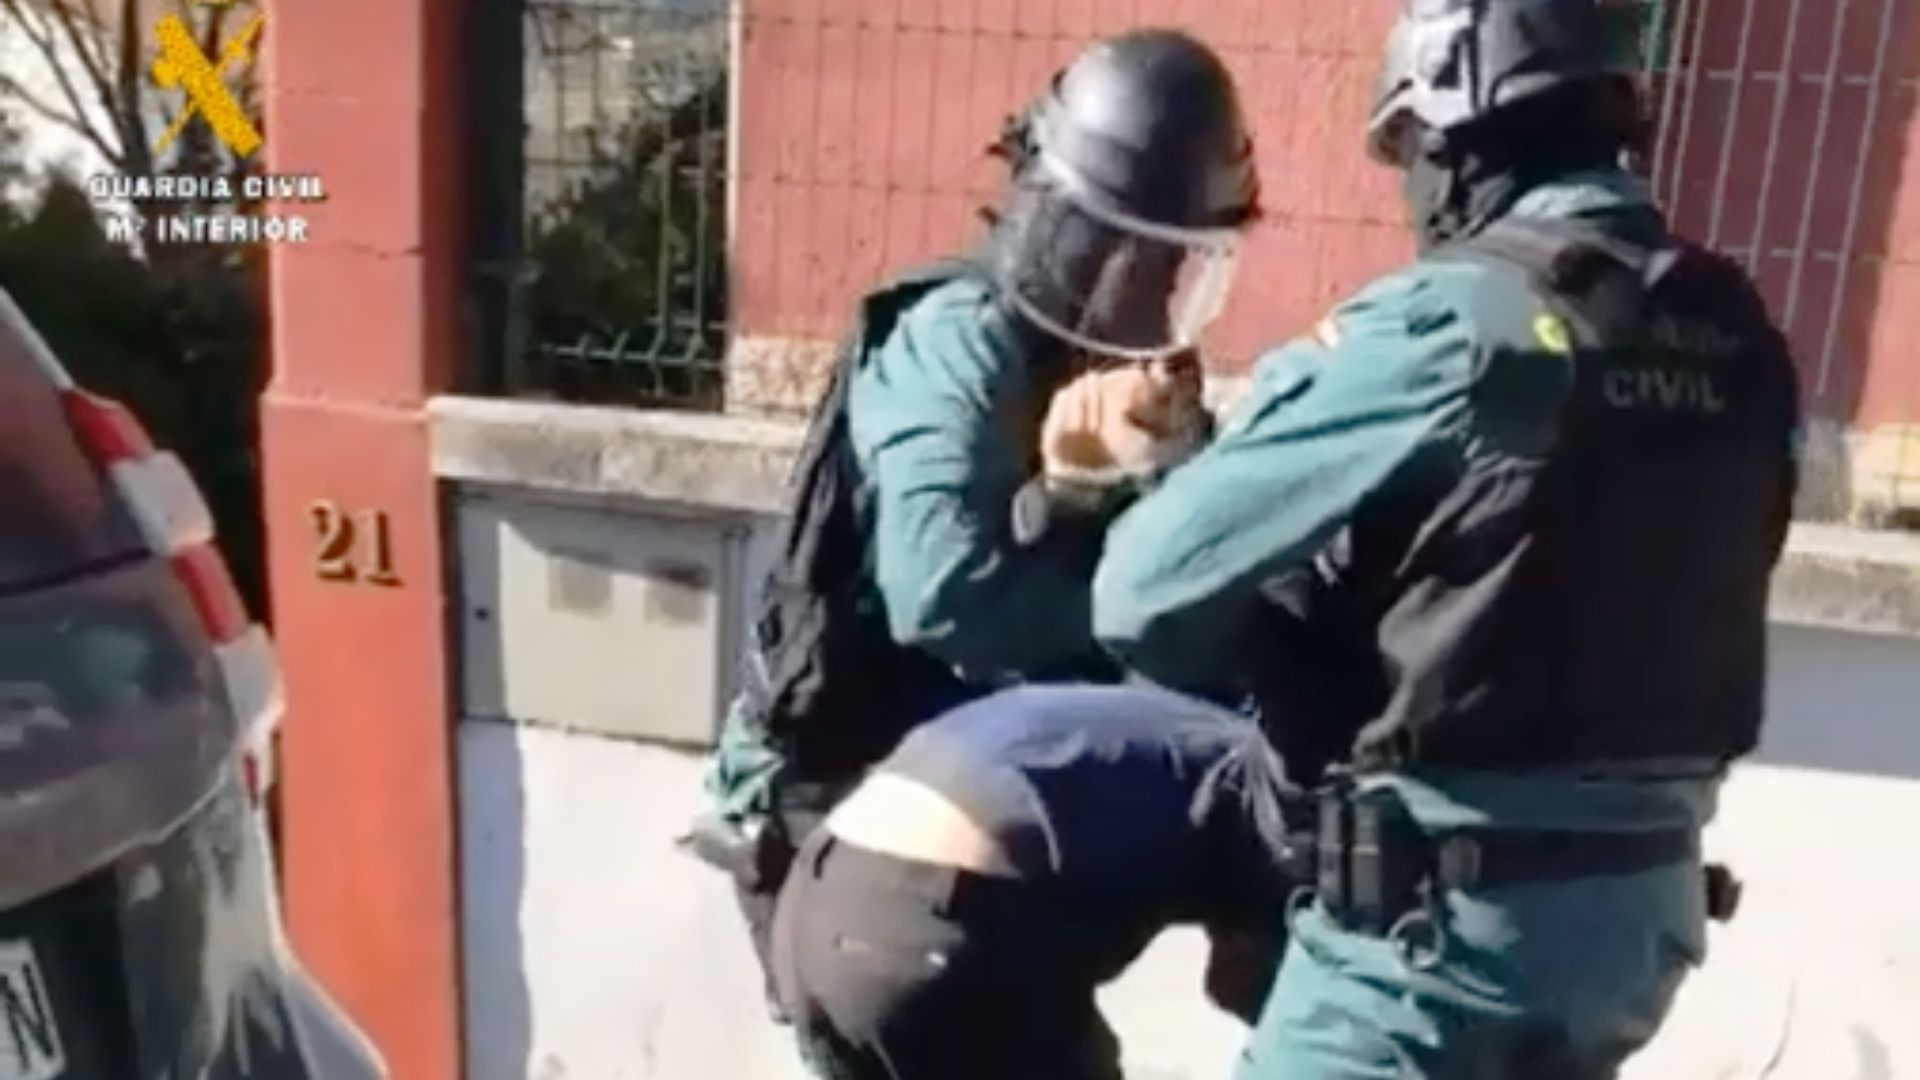 Amplio despliegue policial para detener al autor de un robo en Oviedo.Un agente de la policía danesa, durante uno de los registros